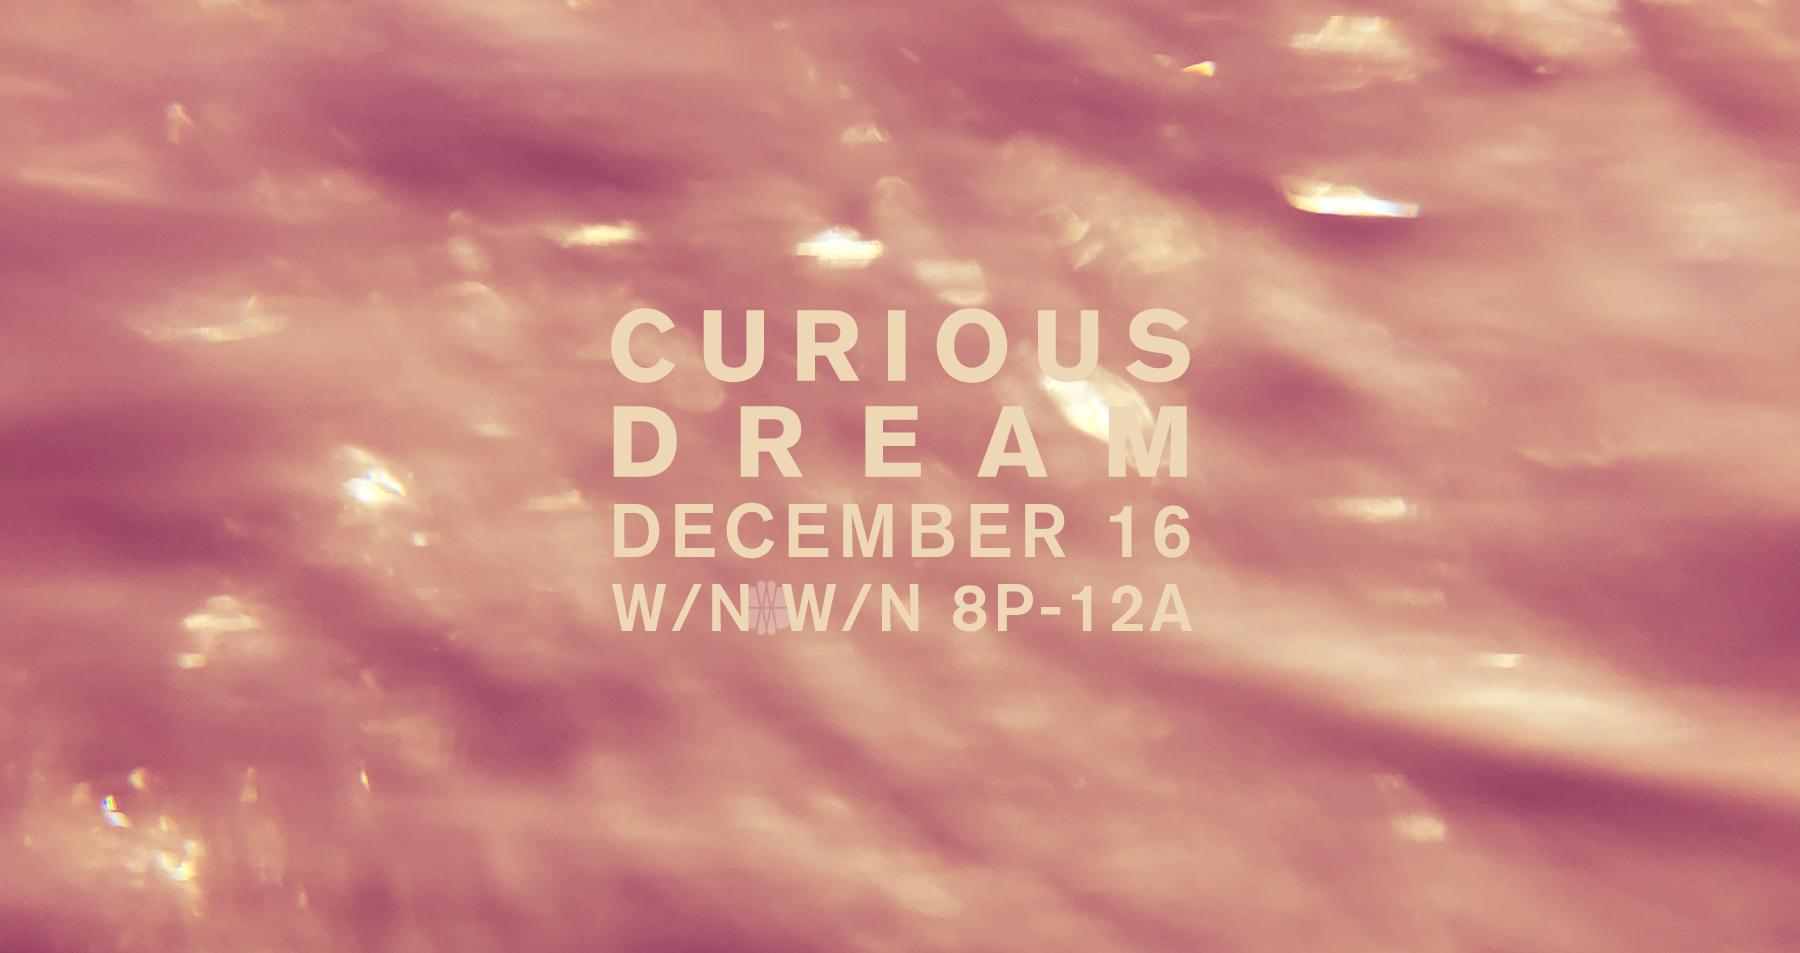 CuriousDream_DEC16.jpg